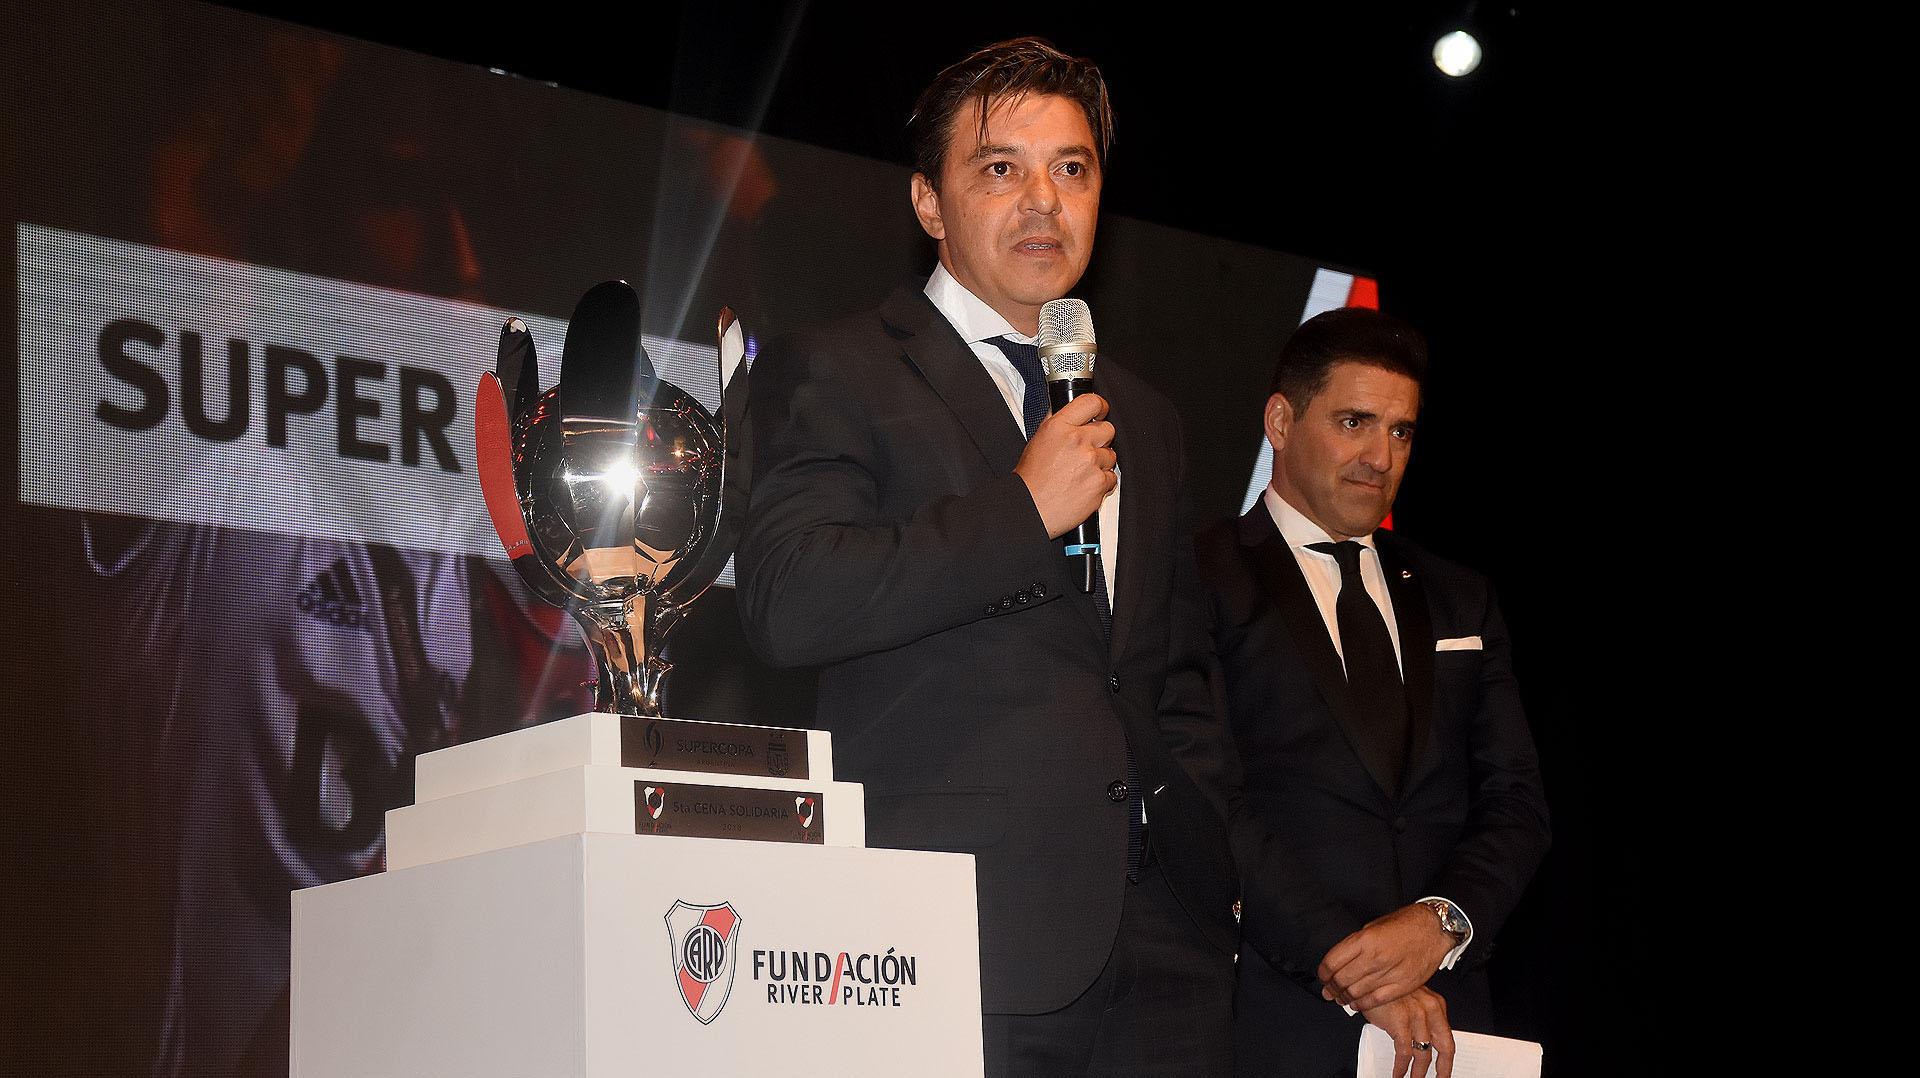 El entrenador de River, Marcelo Gallardo